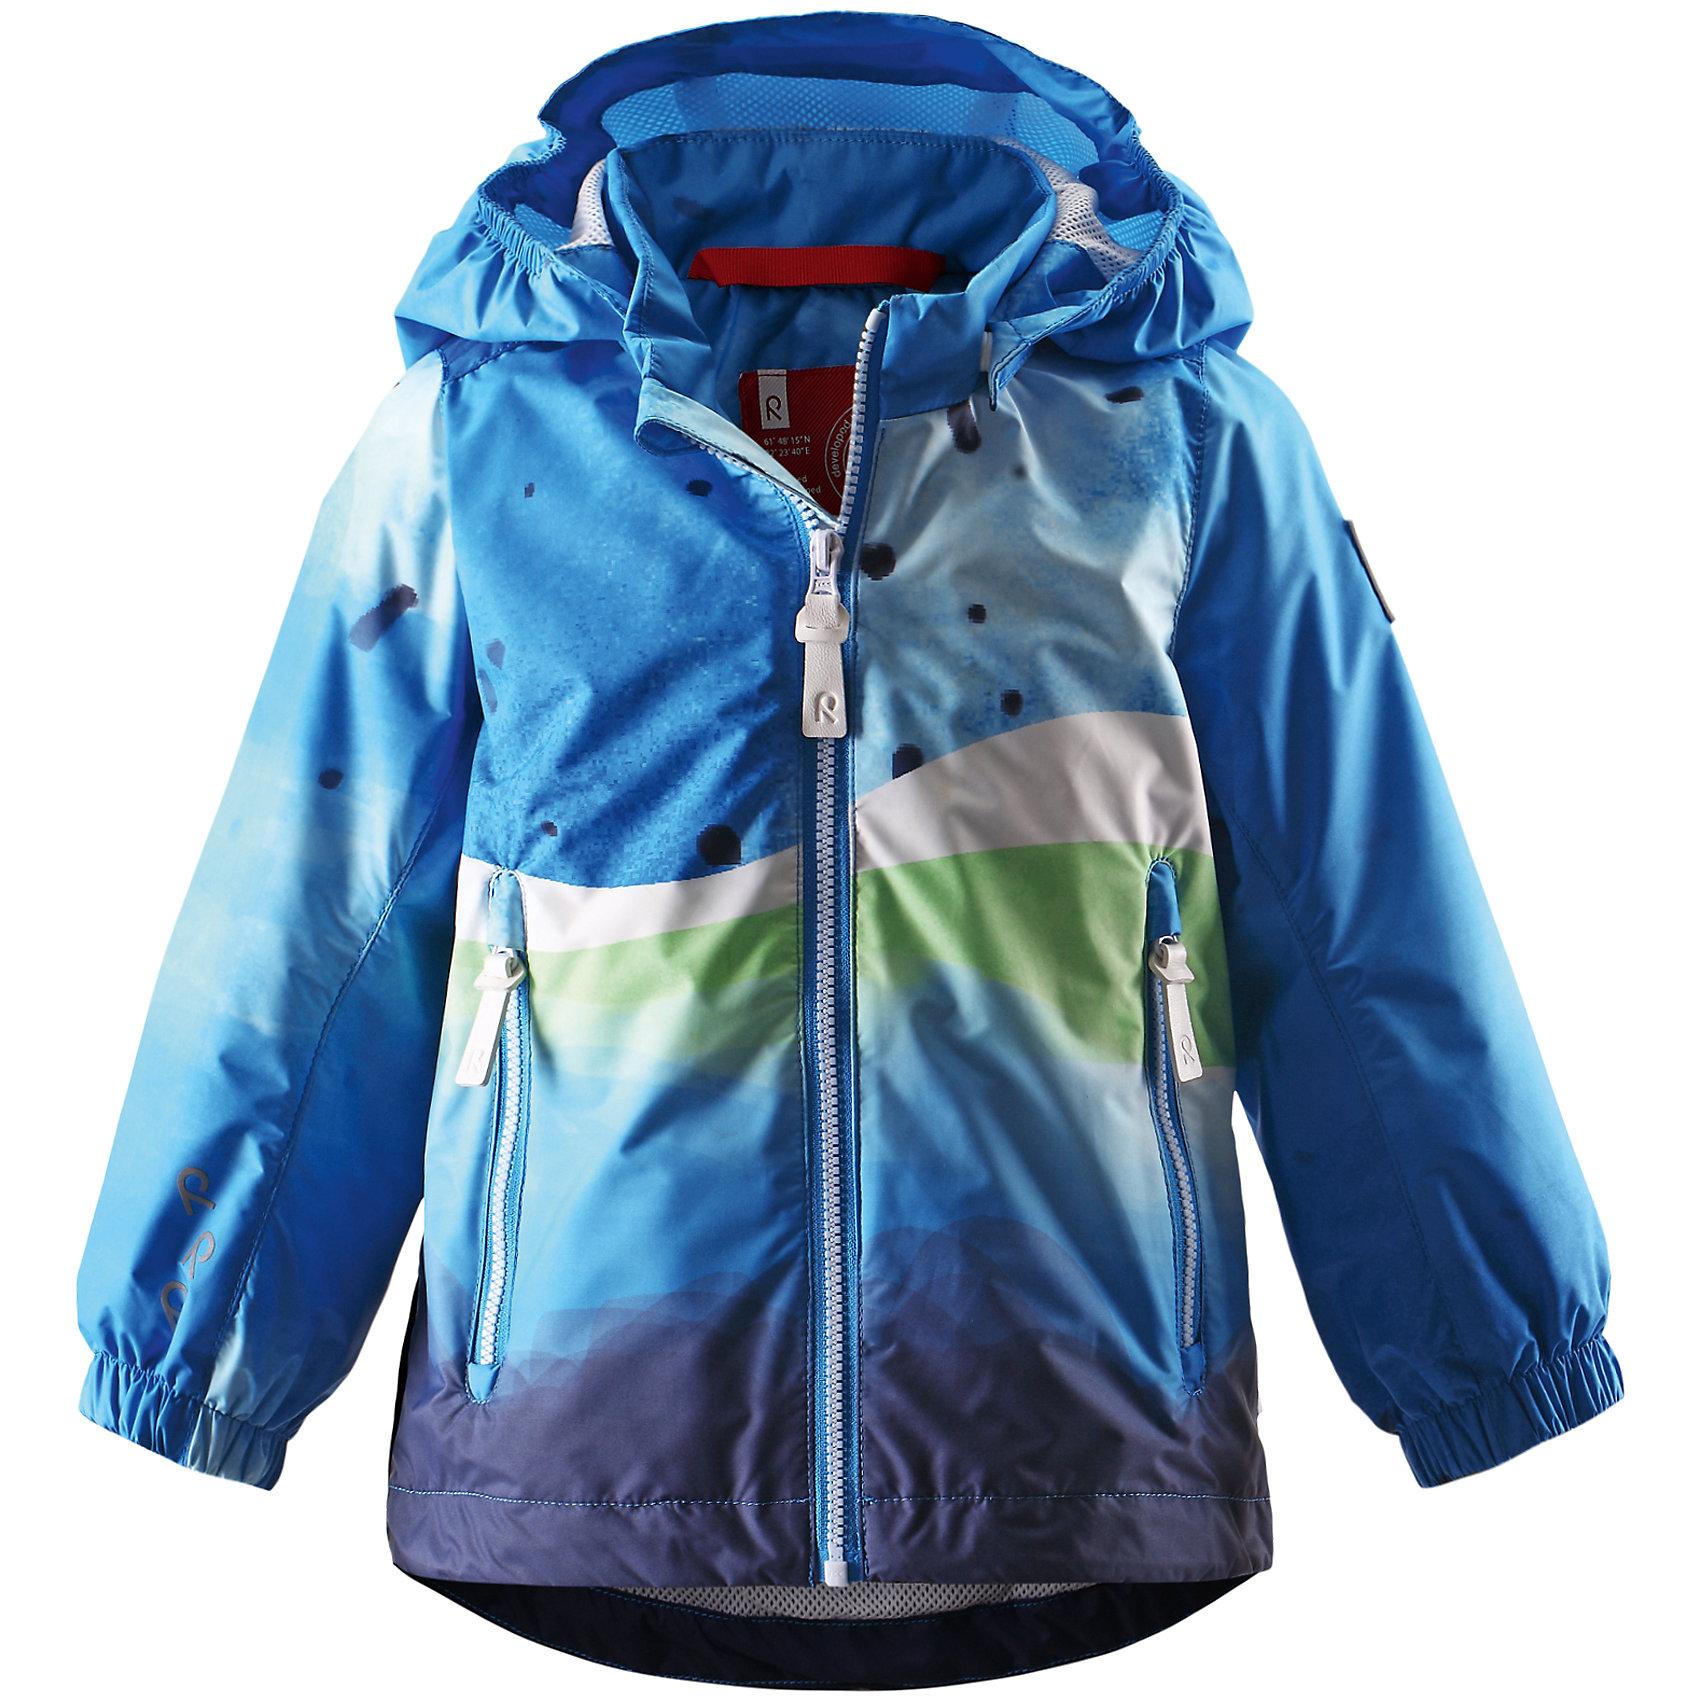 Куртка для мальчика ReimaЛегкая куртка-ветровка для малышей – специально для межсезонья. Материал также выдержит неожиданное попадание на него воды. Подкладка из сетки для лучшей вентиляции и комфорта. Отстегивающийся капюшон и светоотражающие детали гарантируют дополнительную безопасность во время игр на воздухе, а карманы на молнии обеспечат достаточно места для хранения наиболее ценных мелочей.<br><br>Дополнительная информация:<br><br>Куртка демисезонная для малышей<br>Водонепроницаемость 5000 мм<br>Водоотталкивающий, ветронепроницаемый и «дышащий» материал<br>Подкладка из mesh-сетки<br>Безопасный, съемный капюшон<br>Регулируемый подол<br>Состав:<br>100% ПЭ, ПУ-покрытие<br>Уход:<br>Стирать по отдельности, вывернув наизнанку. Застегнуть молнии и липучки. Стирать моющим средством, не содержащим отбеливающие вещества. Полоскать без специального средства. Во избежание изменения цвета изделие необходимо вынуть из стиральной машинки незамедлительно после окончания программы стирки. Сушить при низкой температуре.<br><br>Ширина мм: 356<br>Глубина мм: 10<br>Высота мм: 245<br>Вес г: 519<br>Цвет: голубой<br>Возраст от месяцев: 6<br>Возраст до месяцев: 9<br>Пол: Мужской<br>Возраст: Детский<br>Размер: 74,98,86,80,92<br>SKU: 4497221